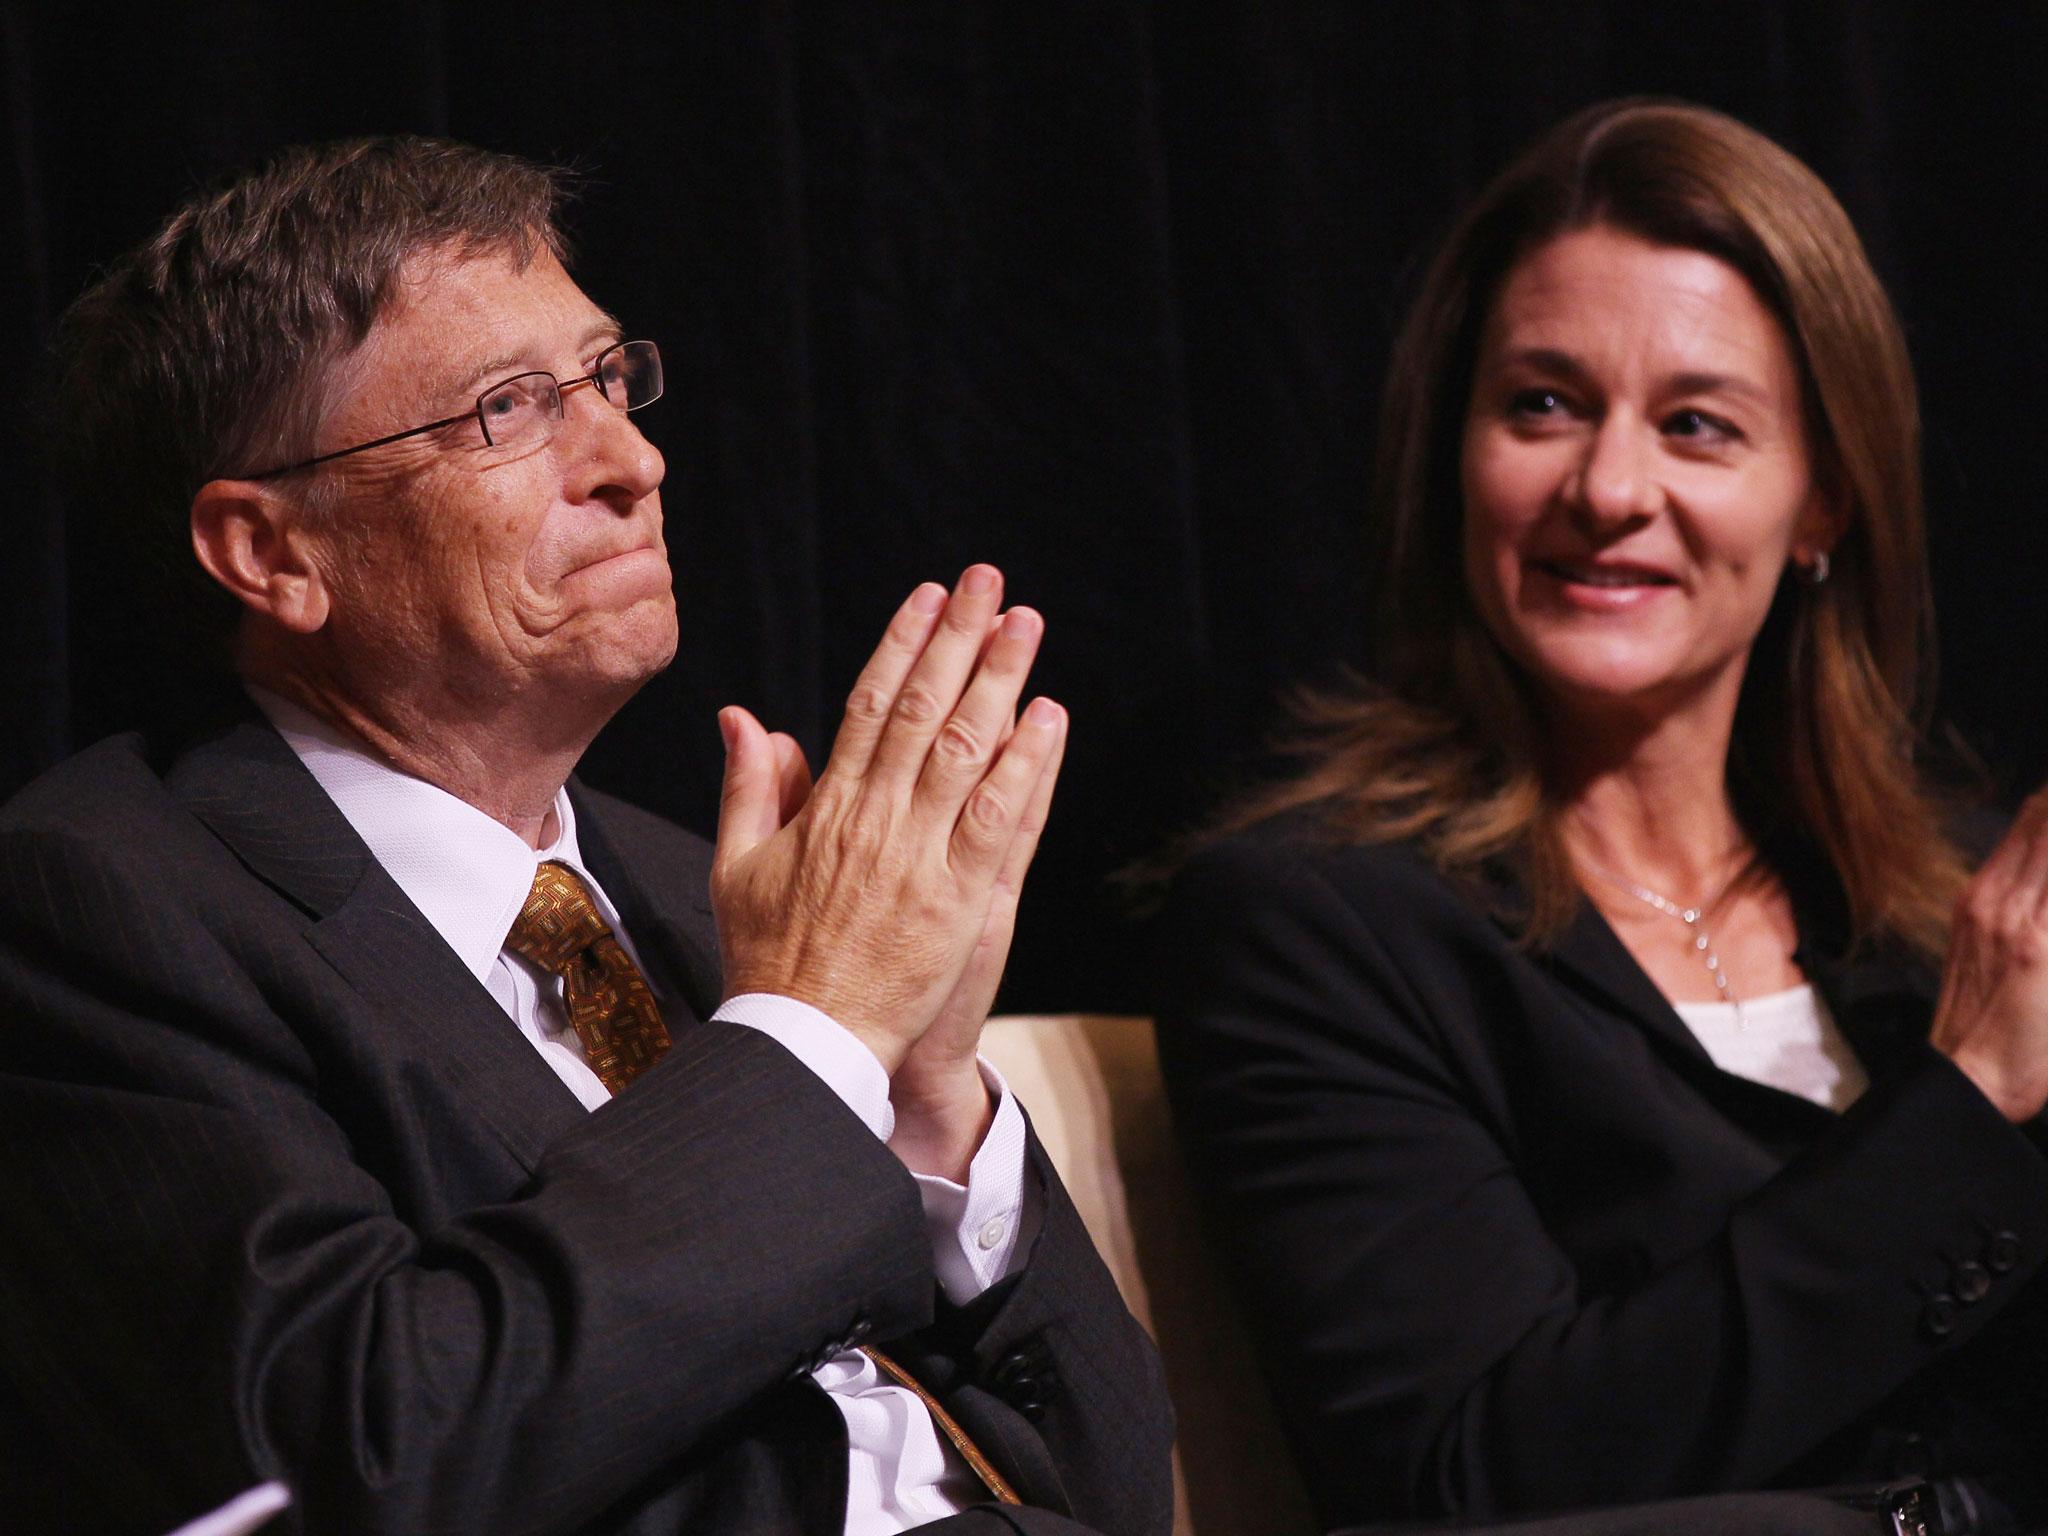 La carta de Melinda y Bill Gates contra Donald Trump y su trato a las mujeres